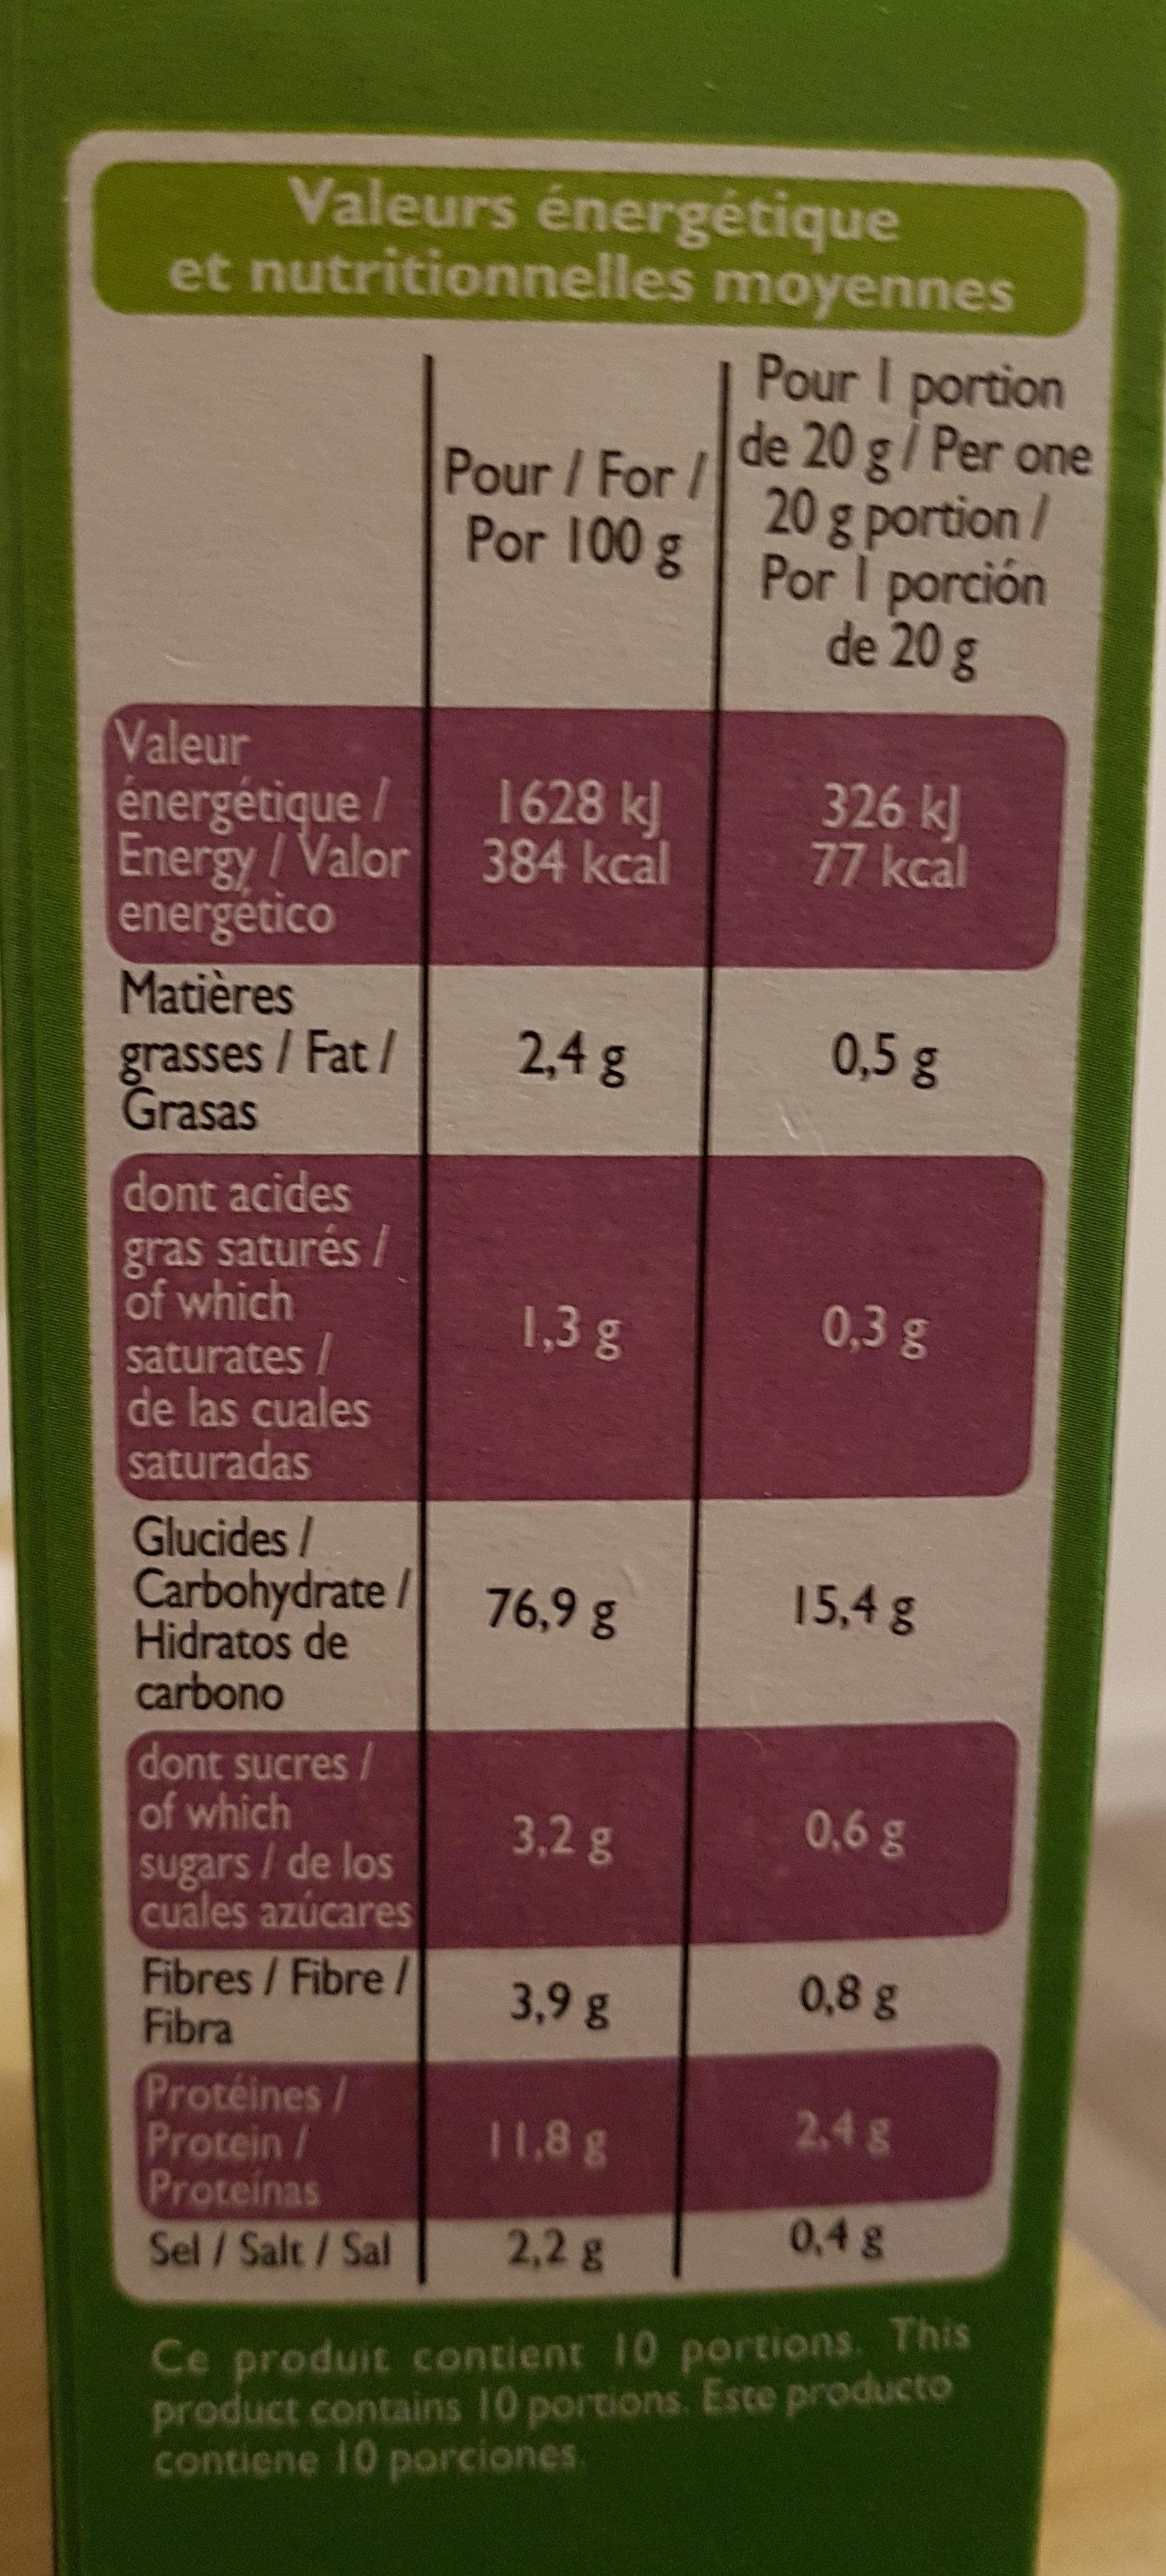 Toasts apetitif - Voedingswaarden - fr